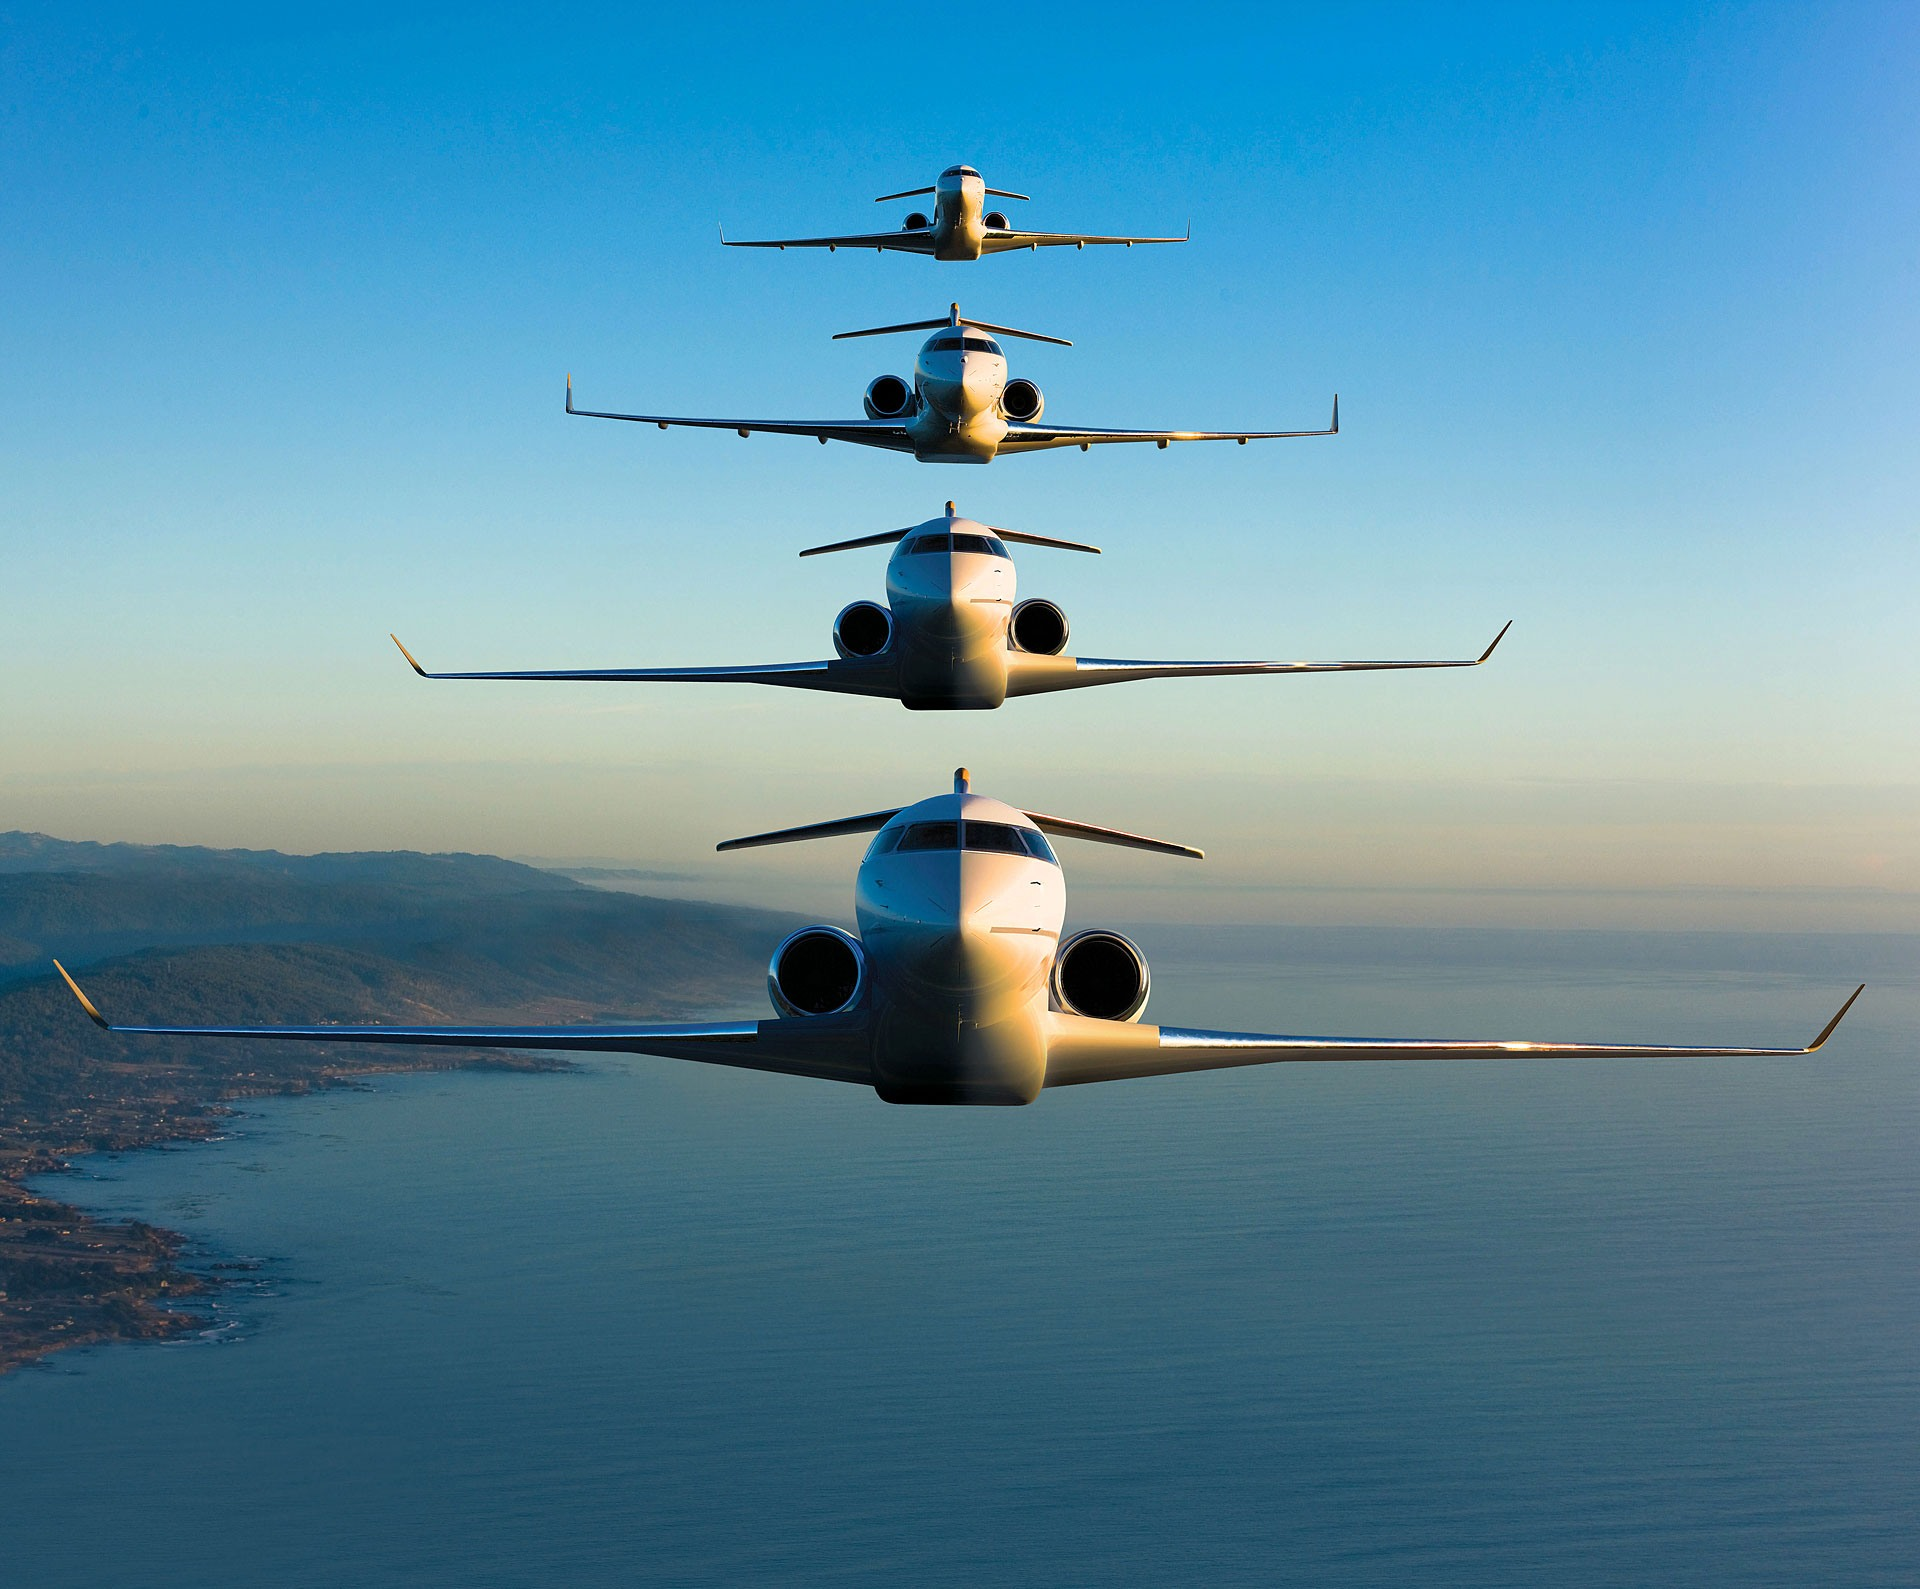 лучшие авиационные фото повергнет ужас один